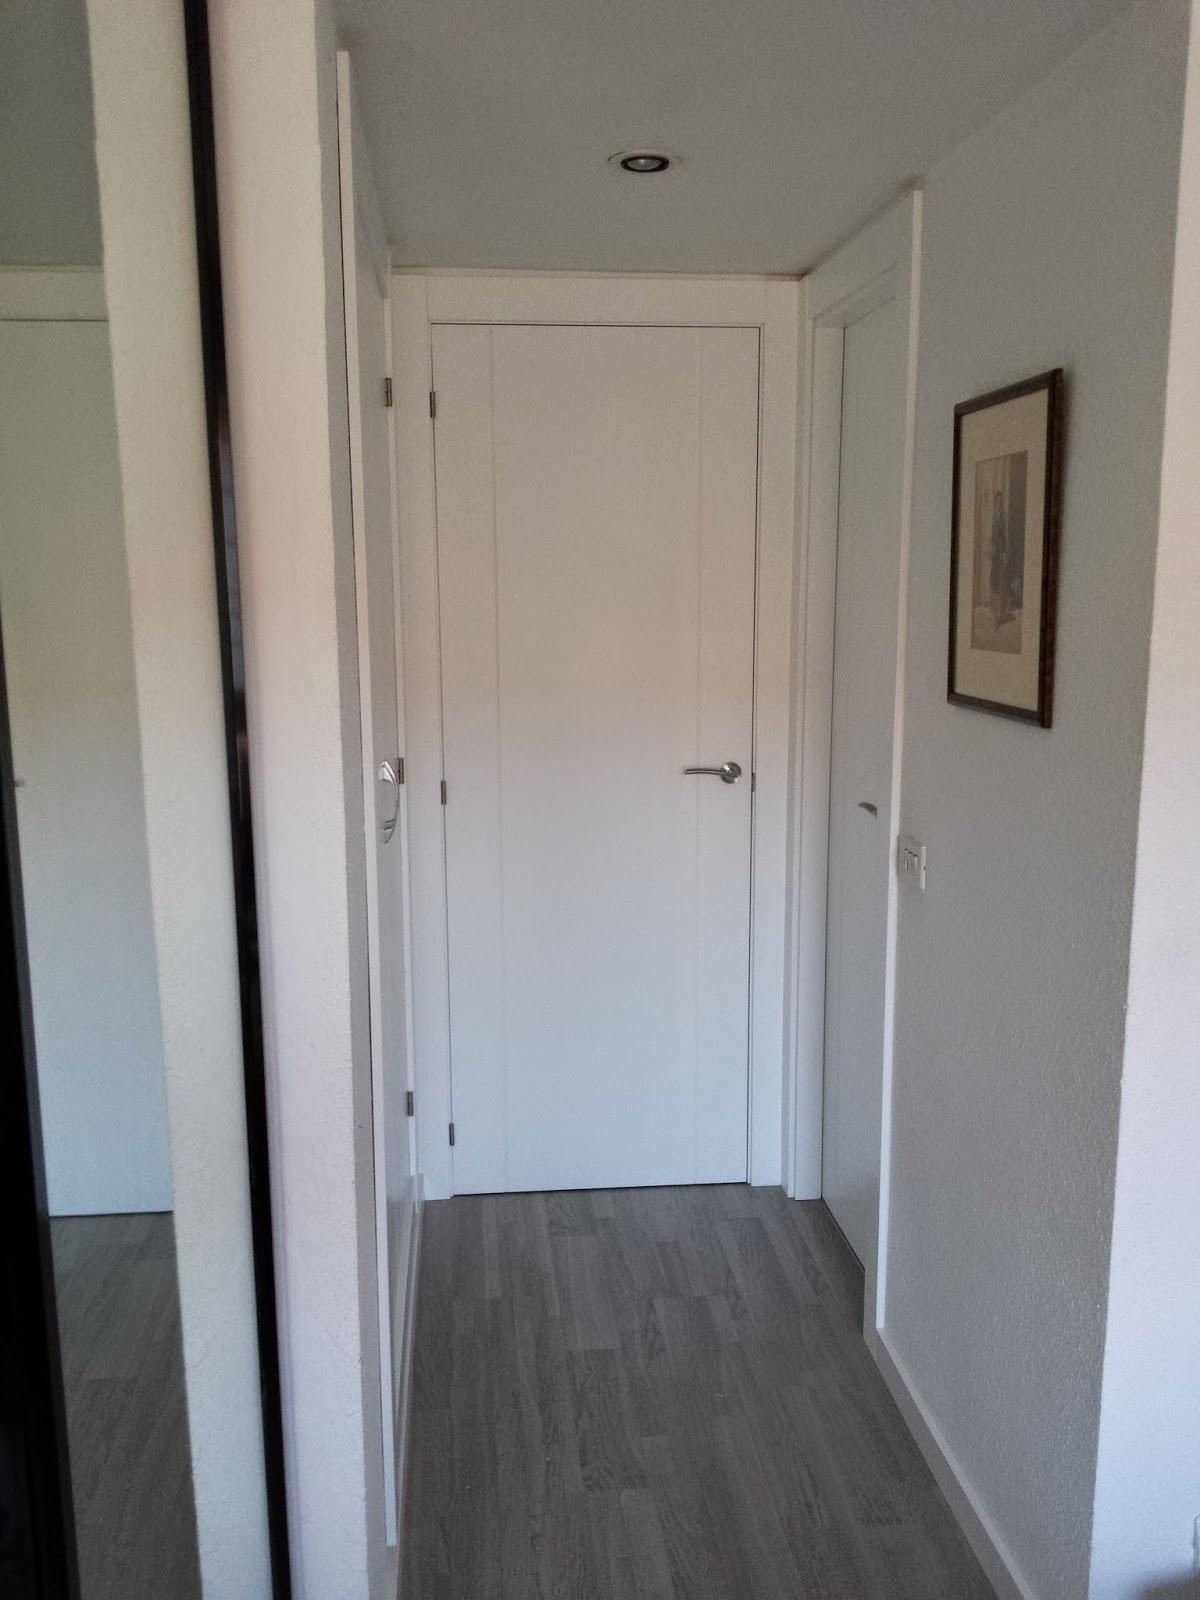 Puertas y maderas gasca mobiliario a medida y reformas - Puertas de casa blancas ...